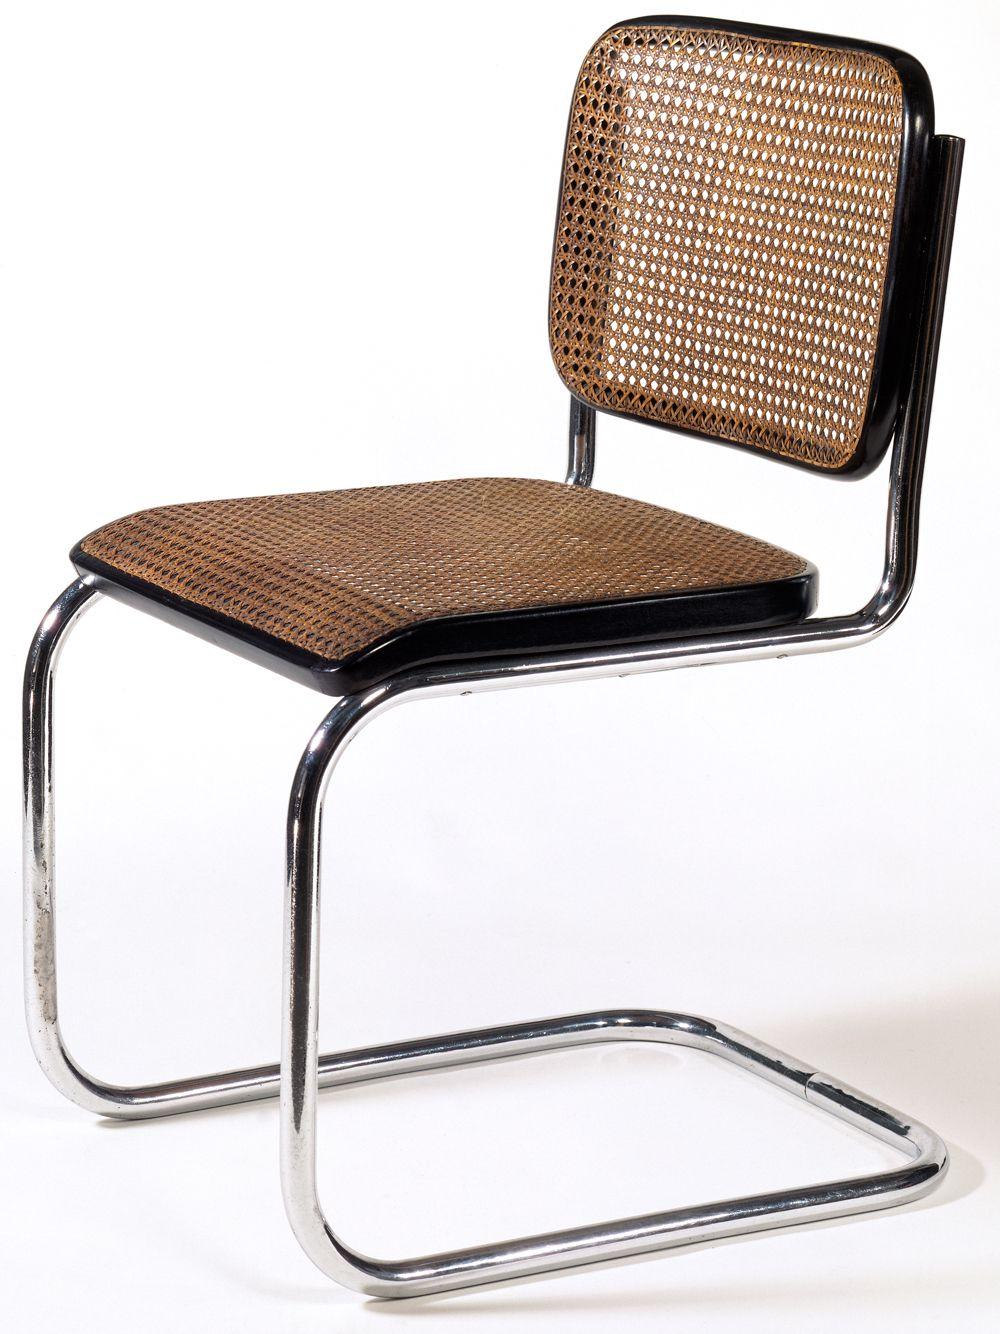 Bauhaus Look Stoelen.Chair Model B32 Marcel Breuer Made By Gebruder Thonet